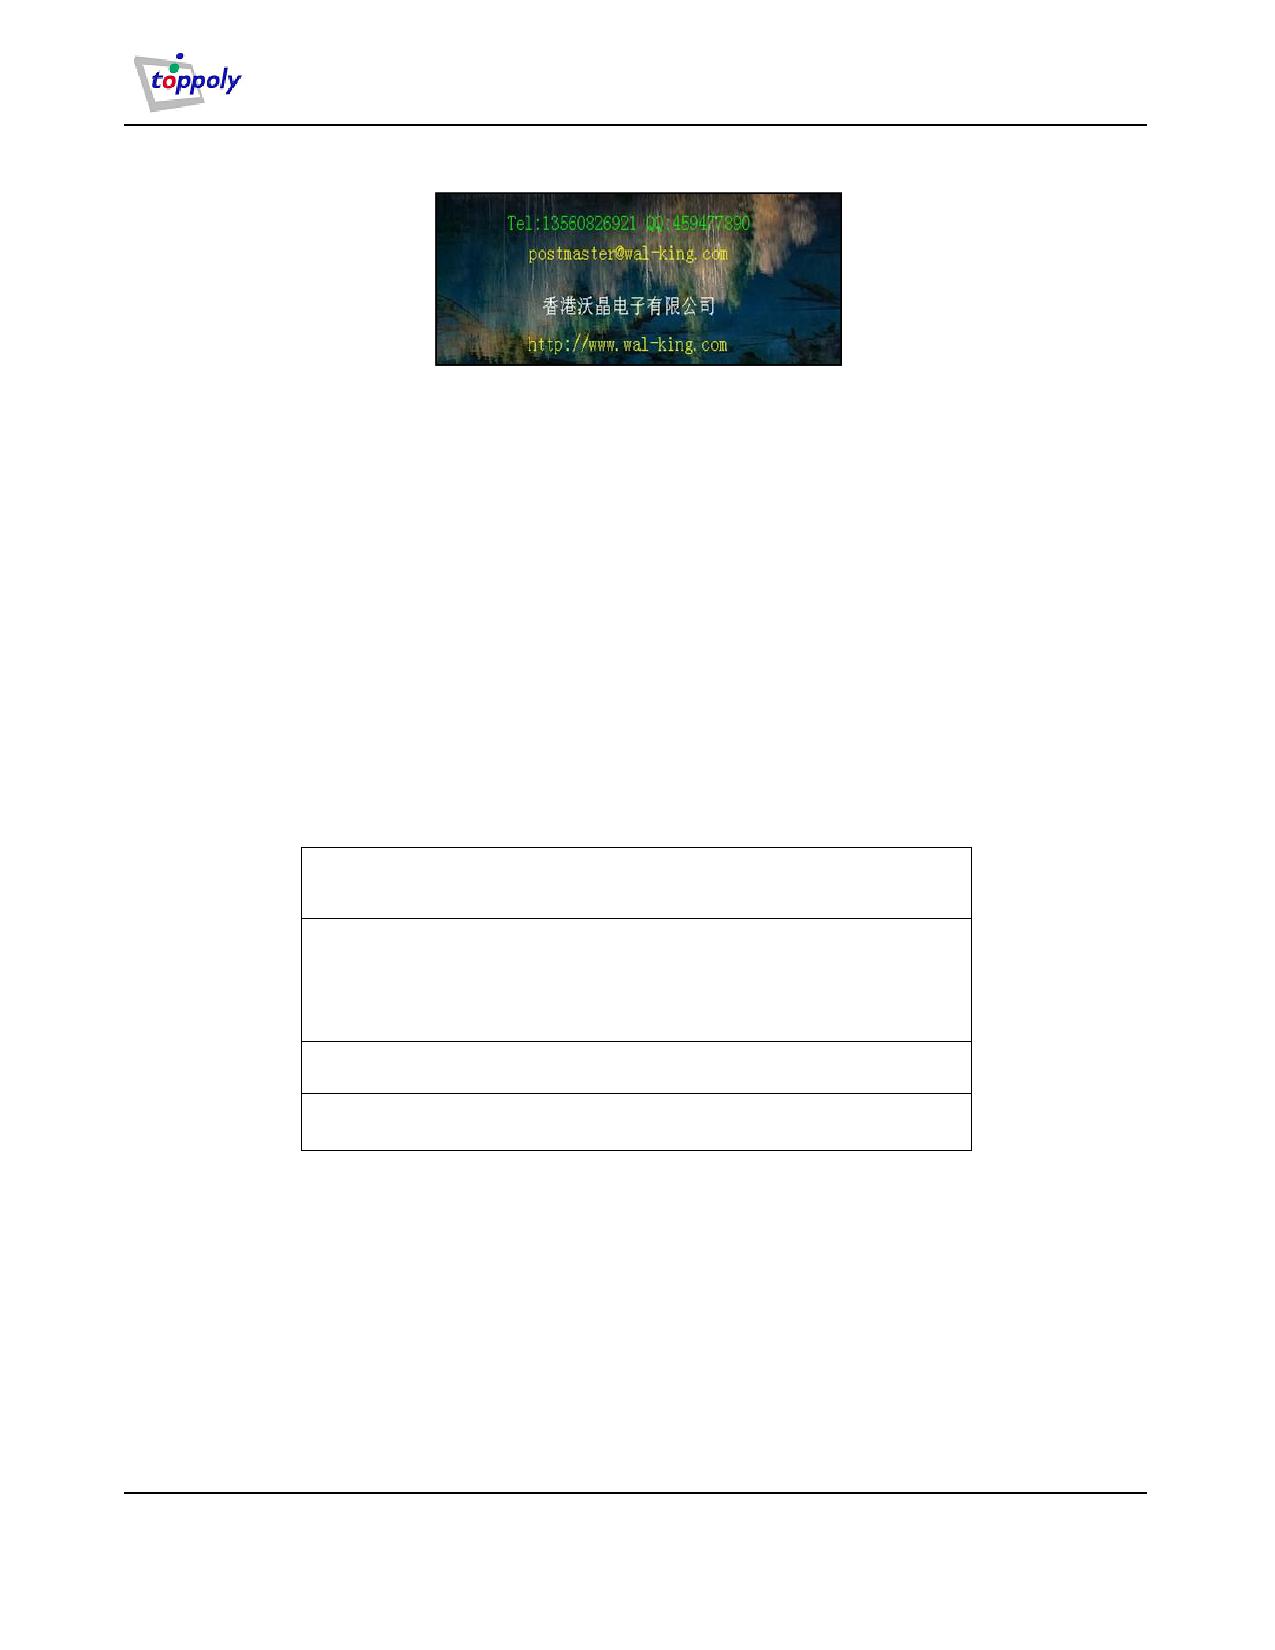 TD035STEE1 datasheet